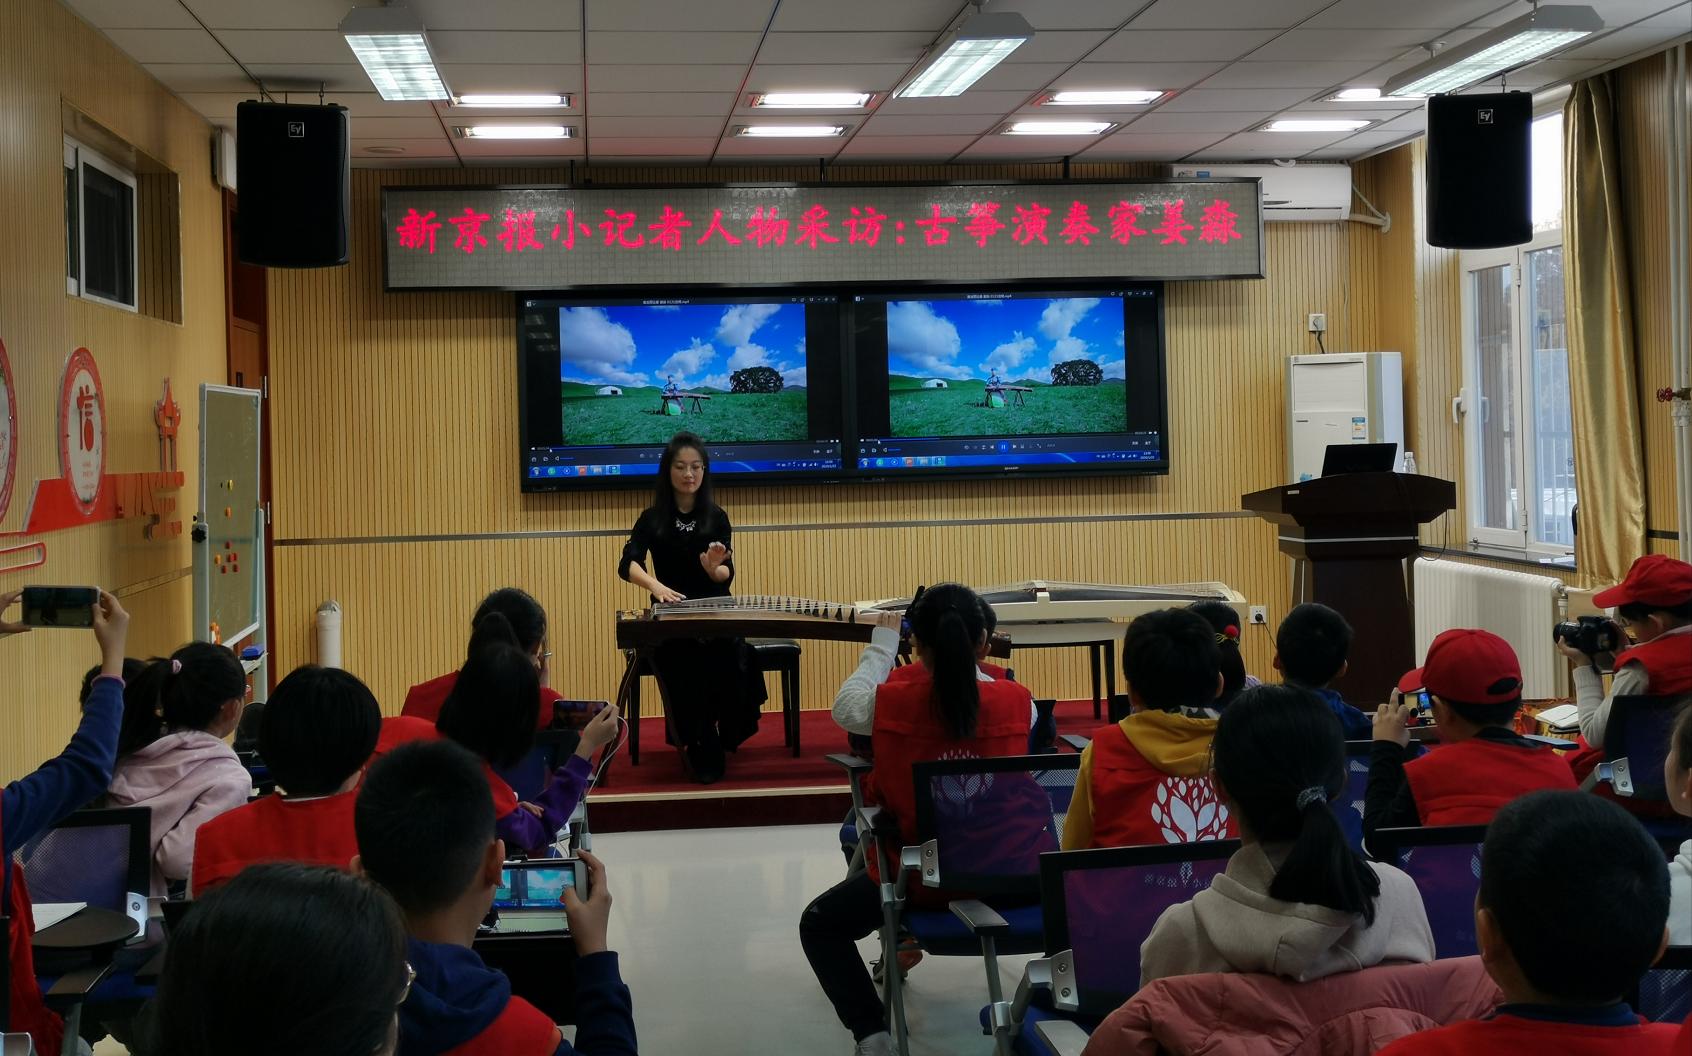 新京报小记者专访古筝演奏家姜淼:让世界响起中国的筝声图片